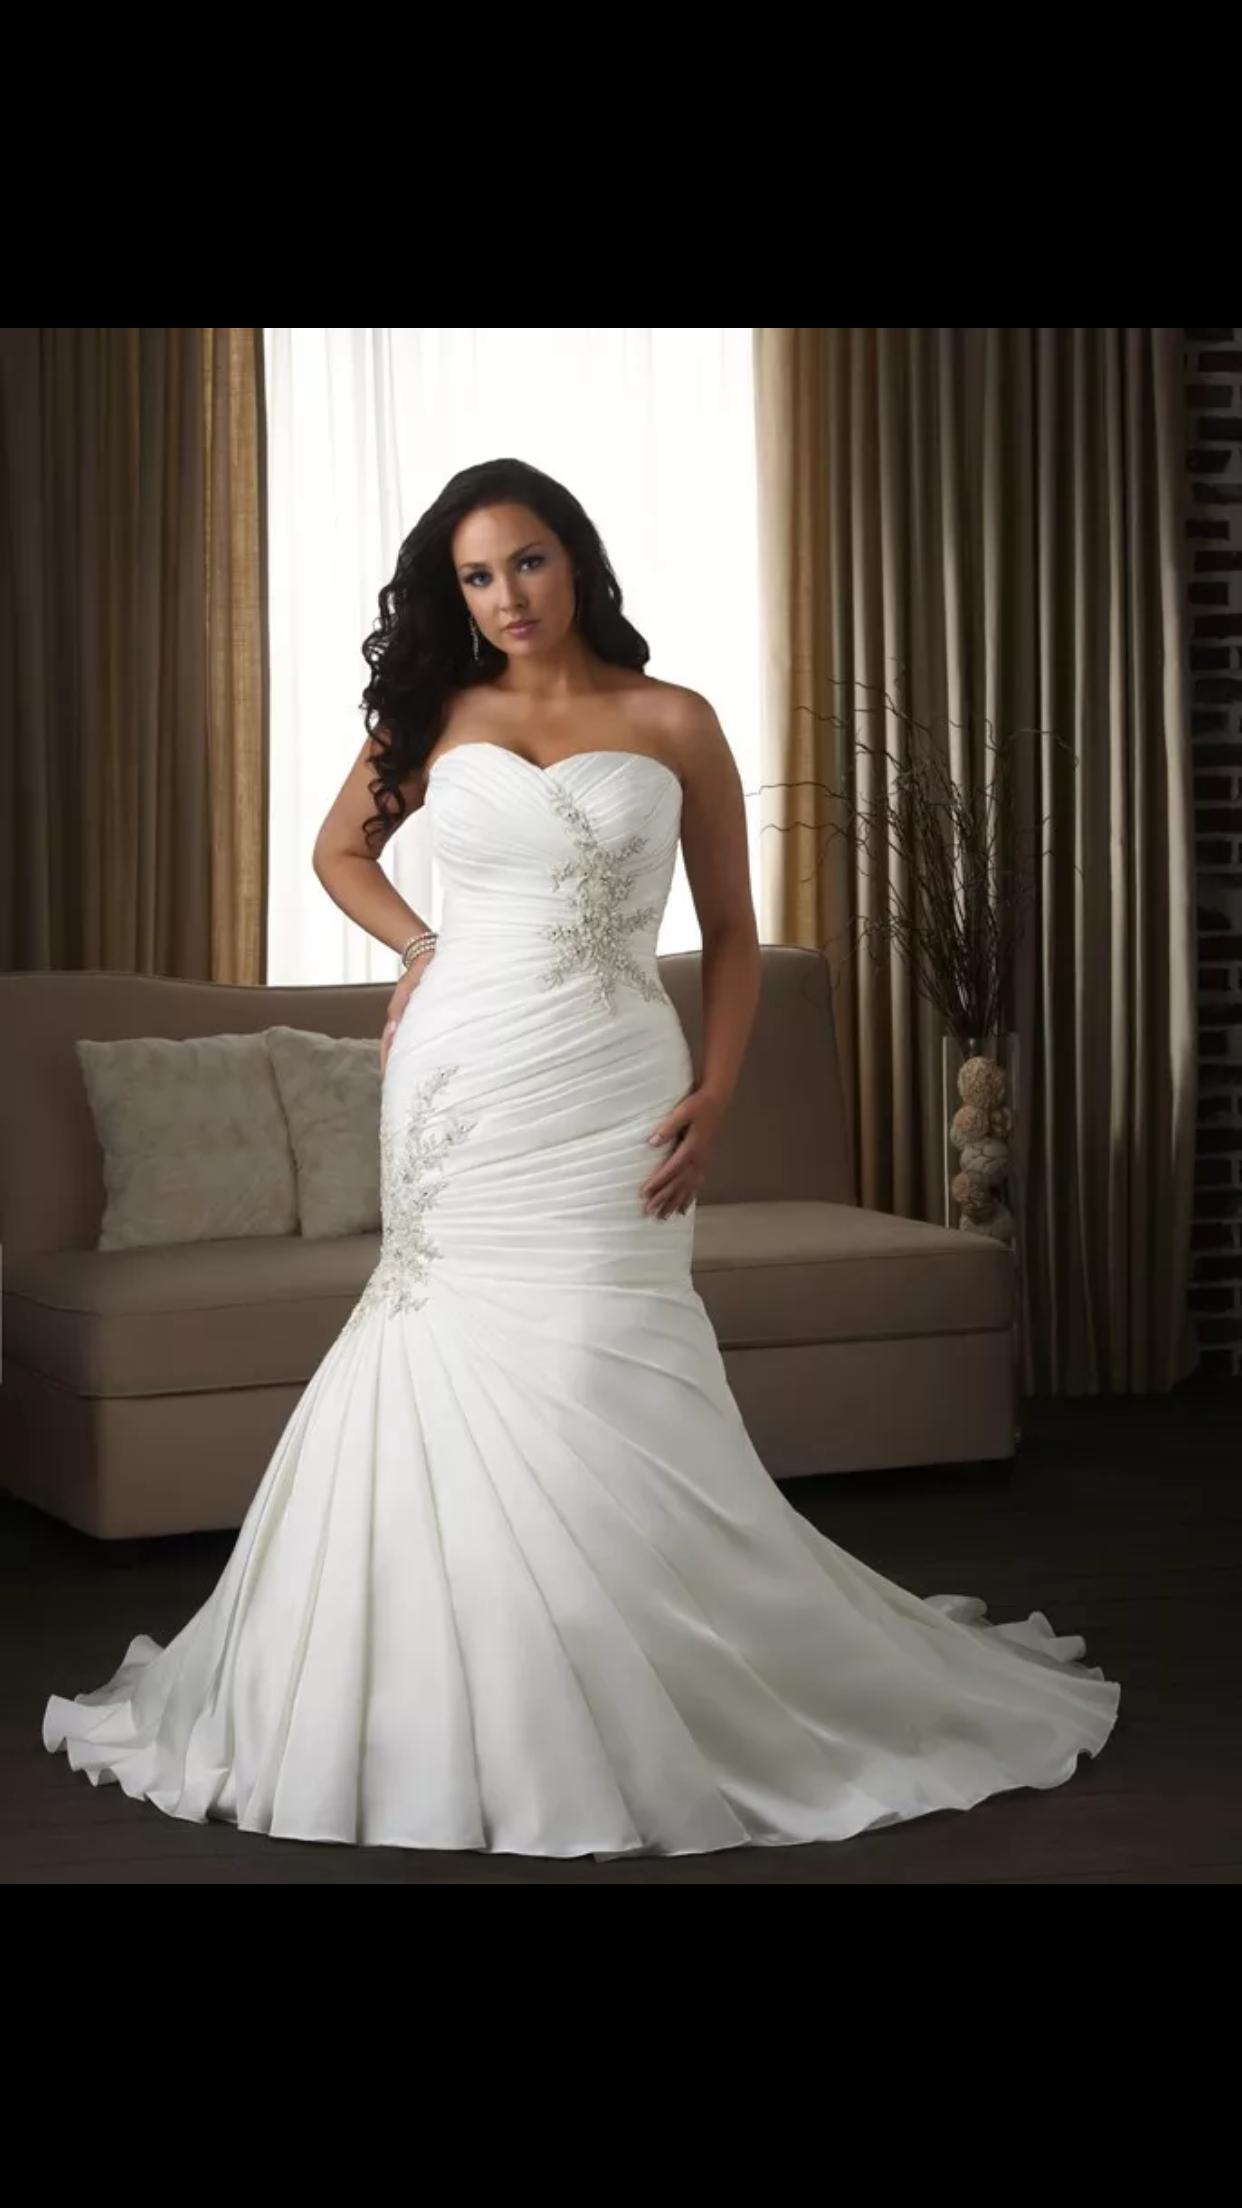 Wedding dresses for big women  Pin by zenariah gameeldien on wedding dresses  Pinterest  Wedding